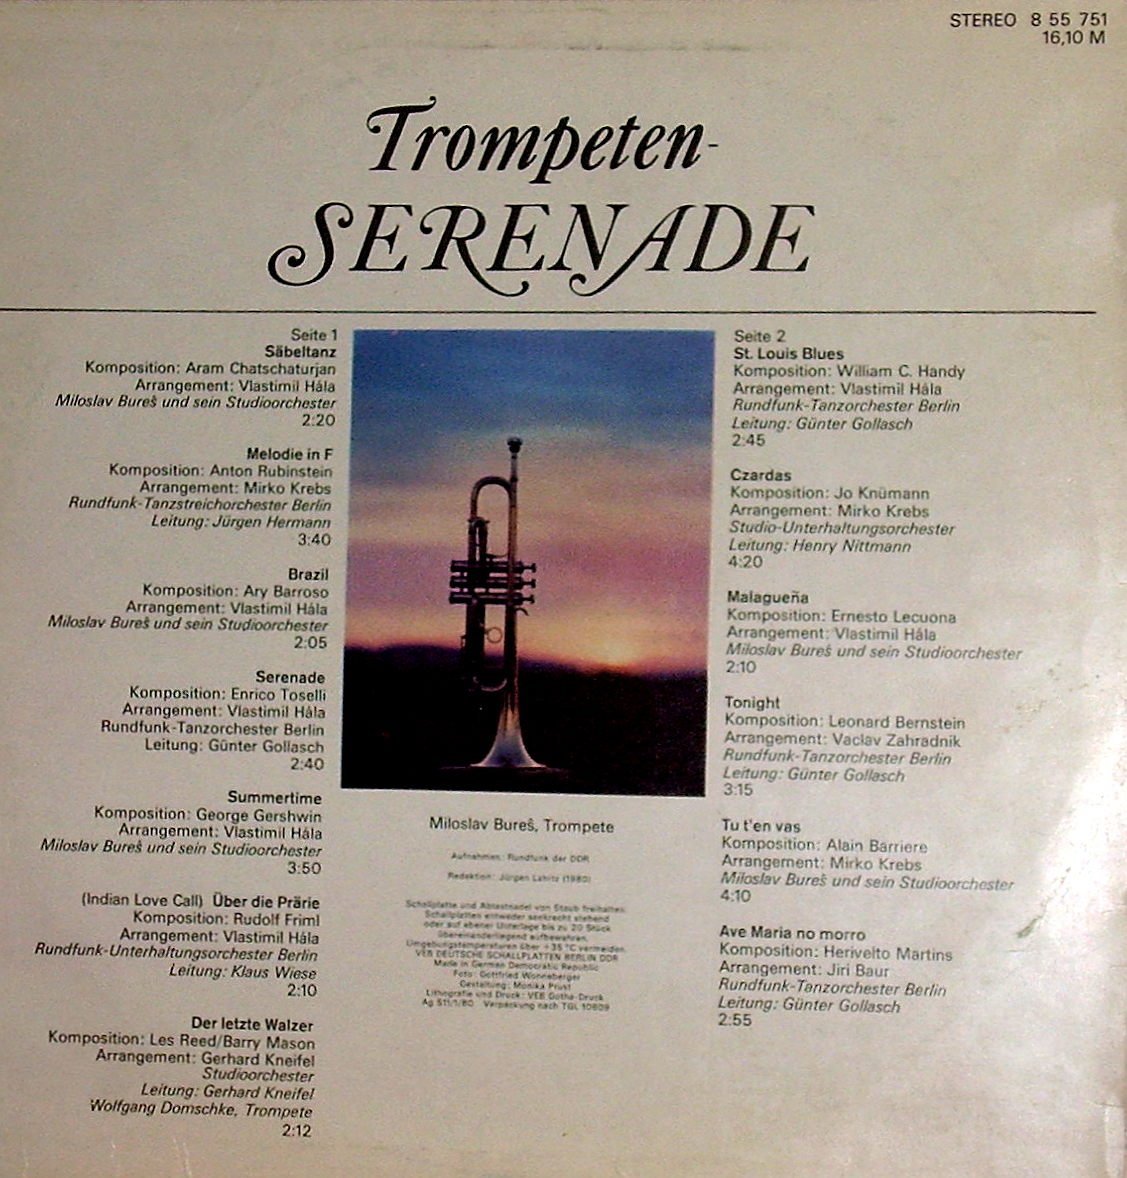 ТЫЛ-ОРИГИНАЛ-trompeten-1980